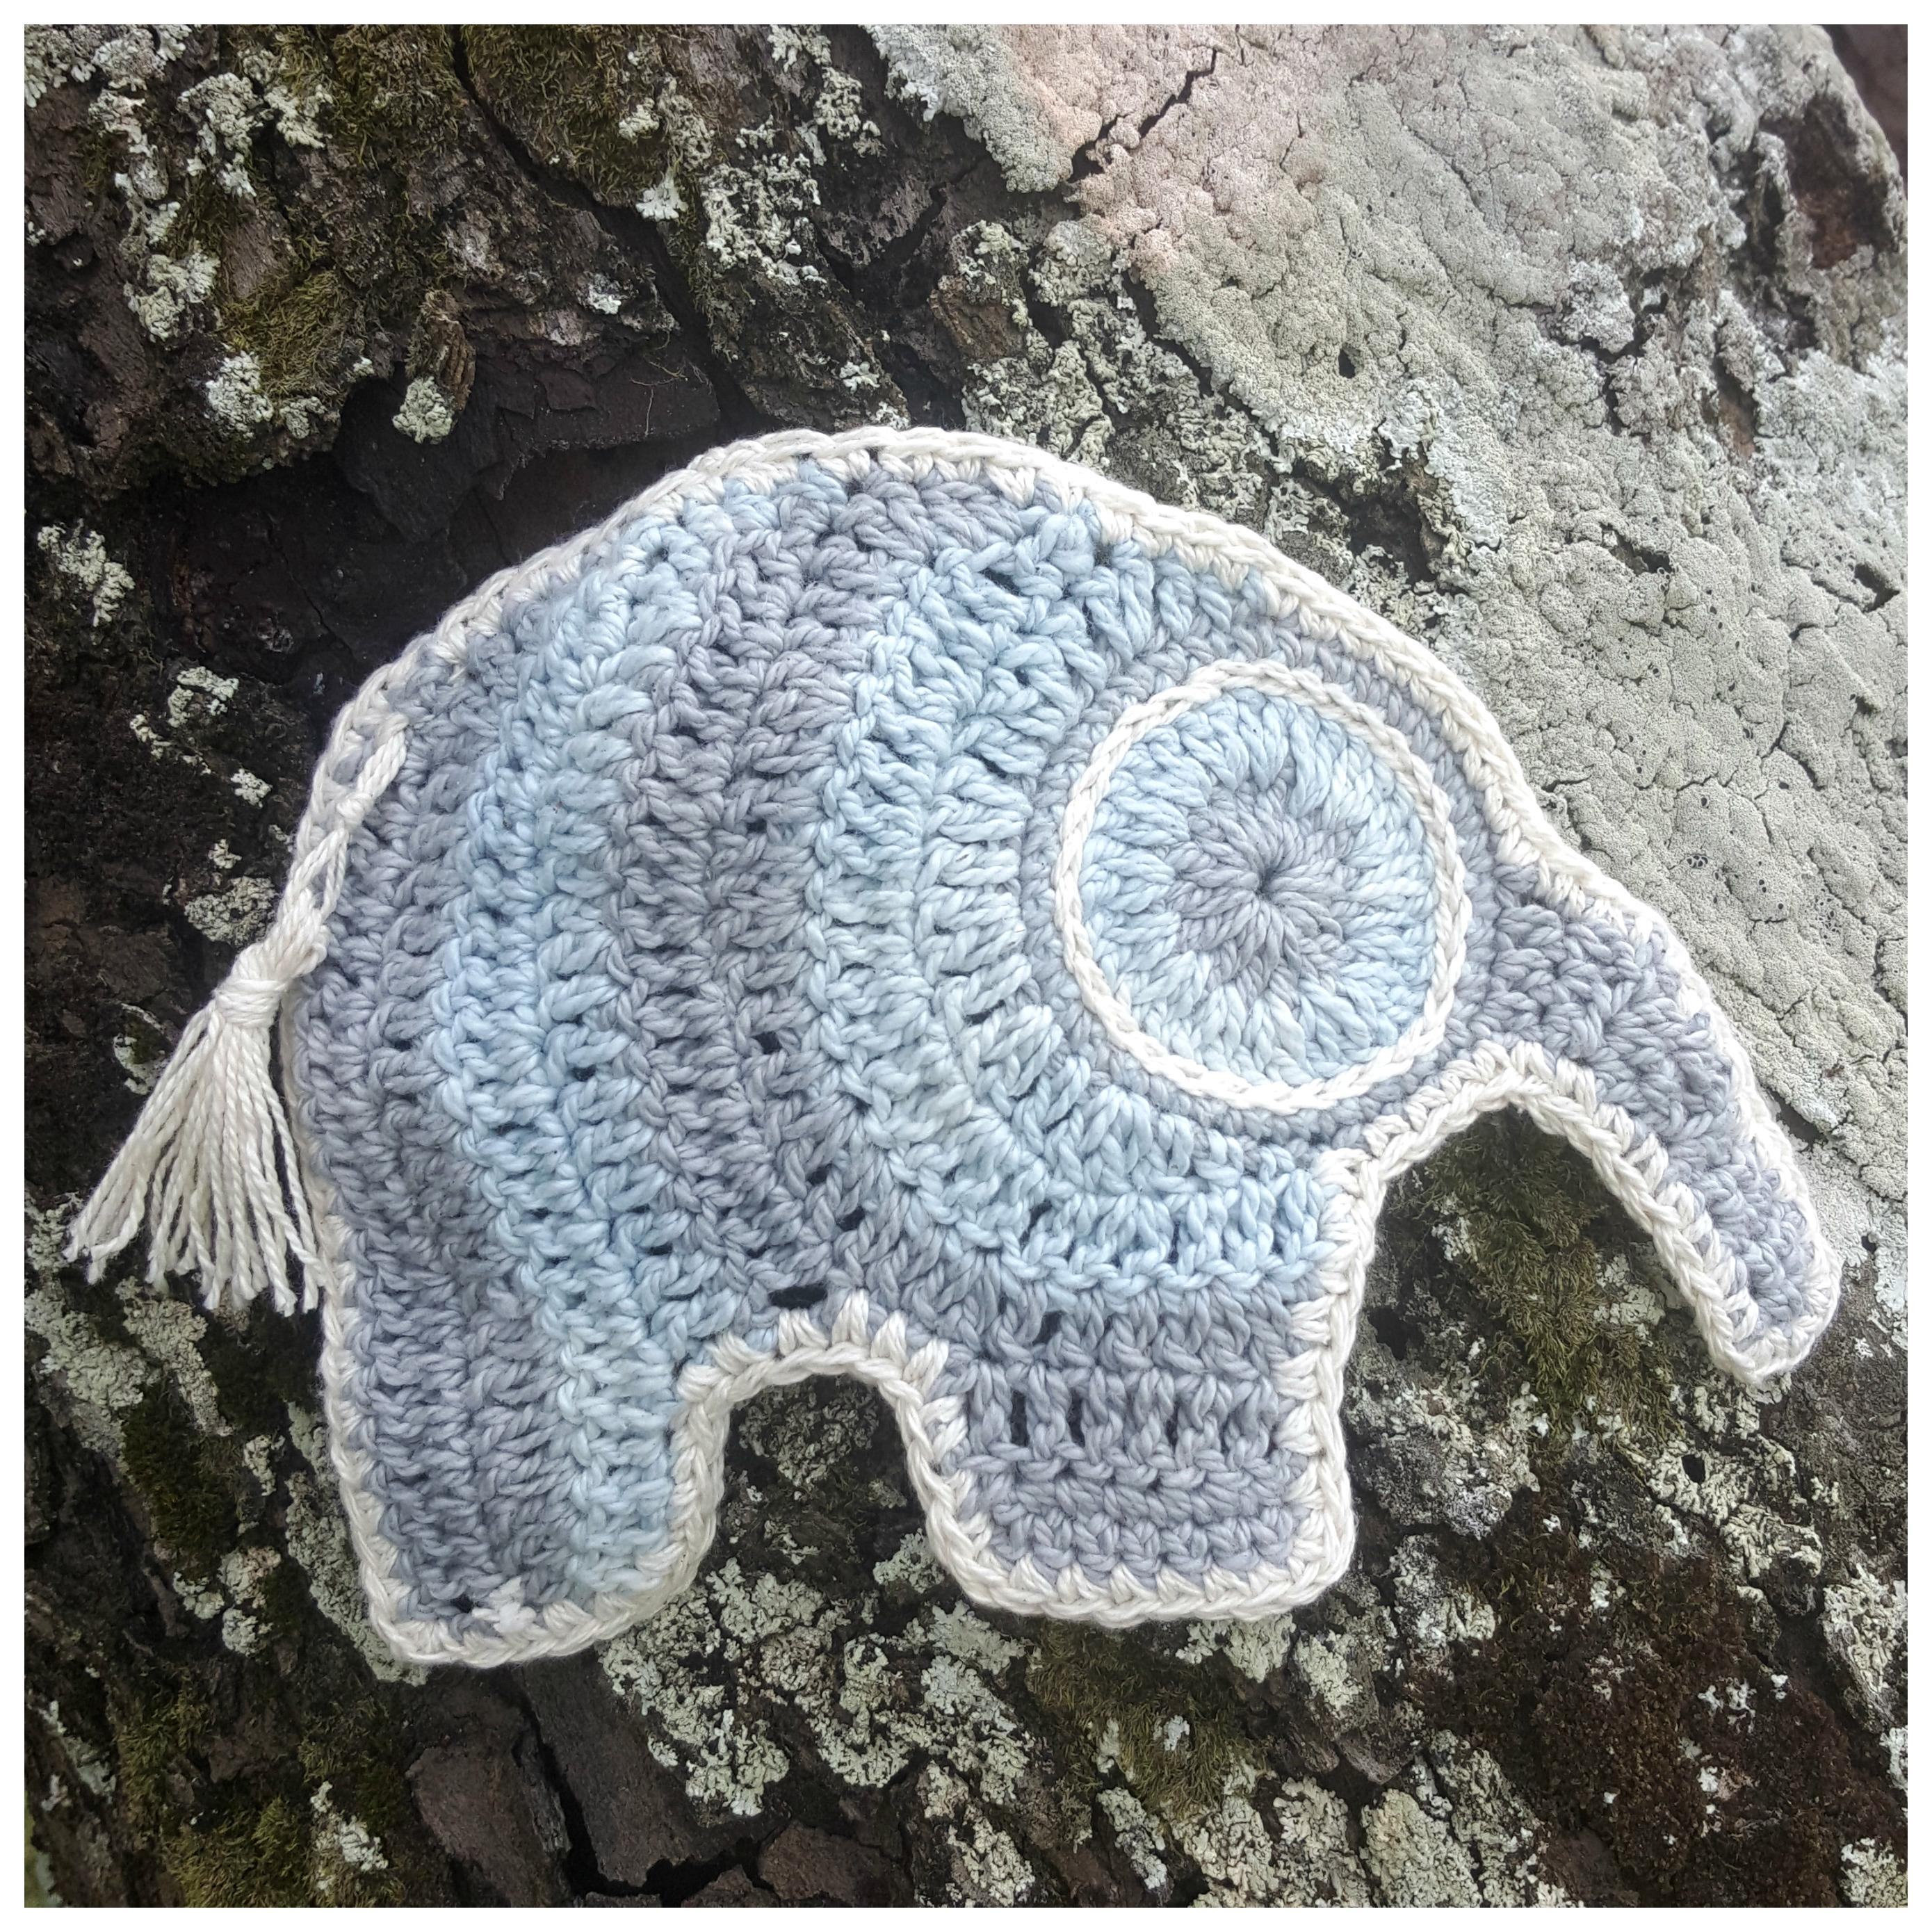 Crochet Elephant Border Take 2 Large Border - YouTube | 2779x2779